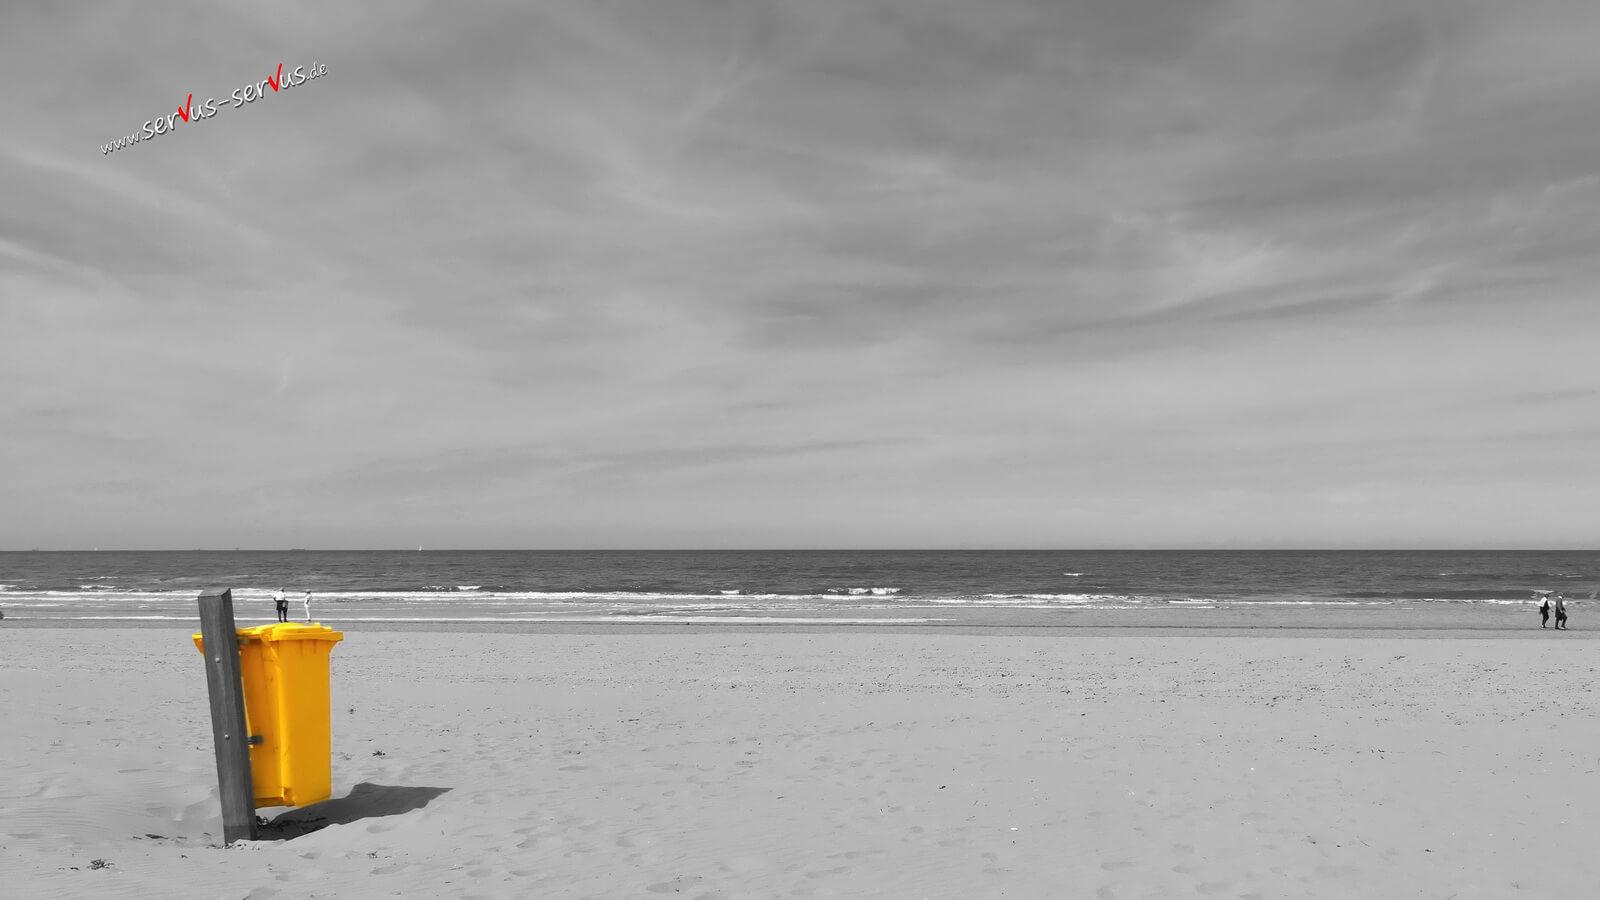 Gelbe Mülltonne am Strand